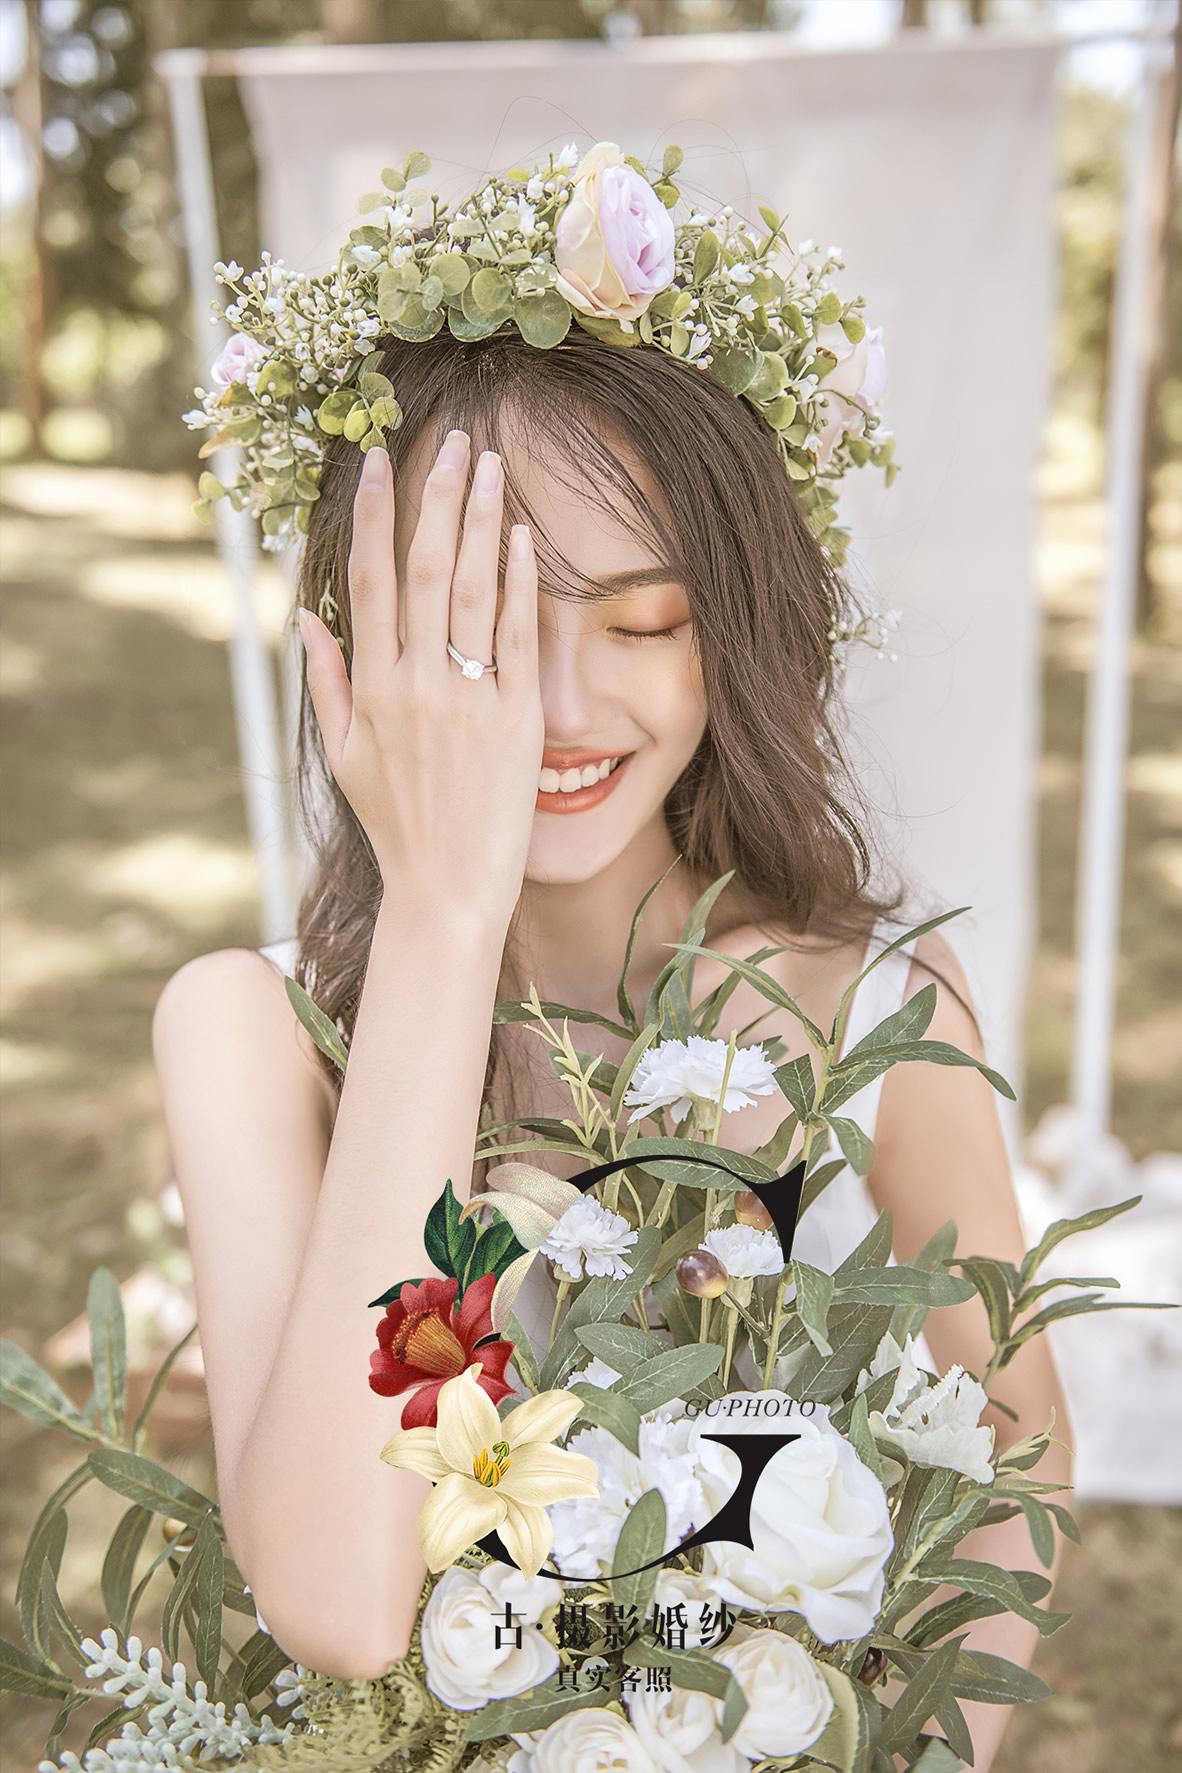 爱丽斯花园 - 婚纱景点客照 - 古摄影婚纱艺术-古摄影成都婚纱摄影艺术摄影网